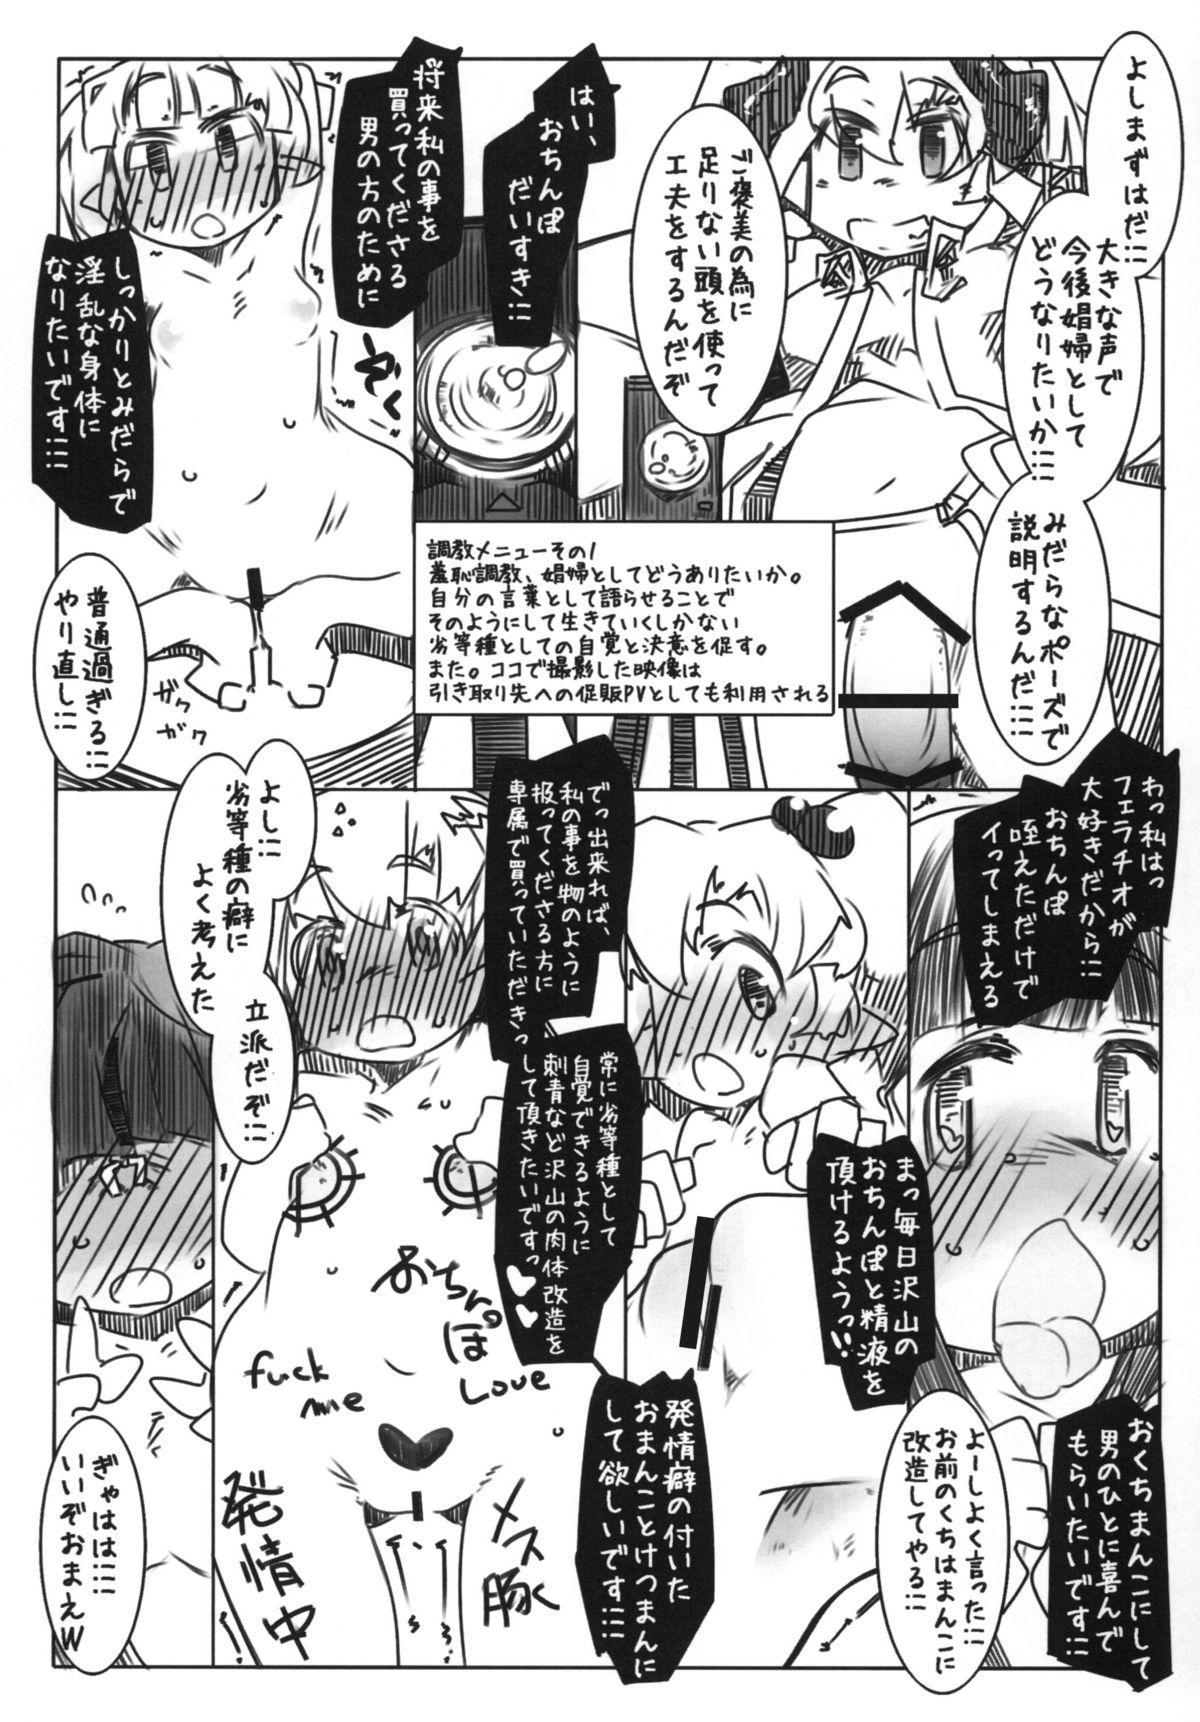 Sparta-shiki Shoufu Choukyou 4